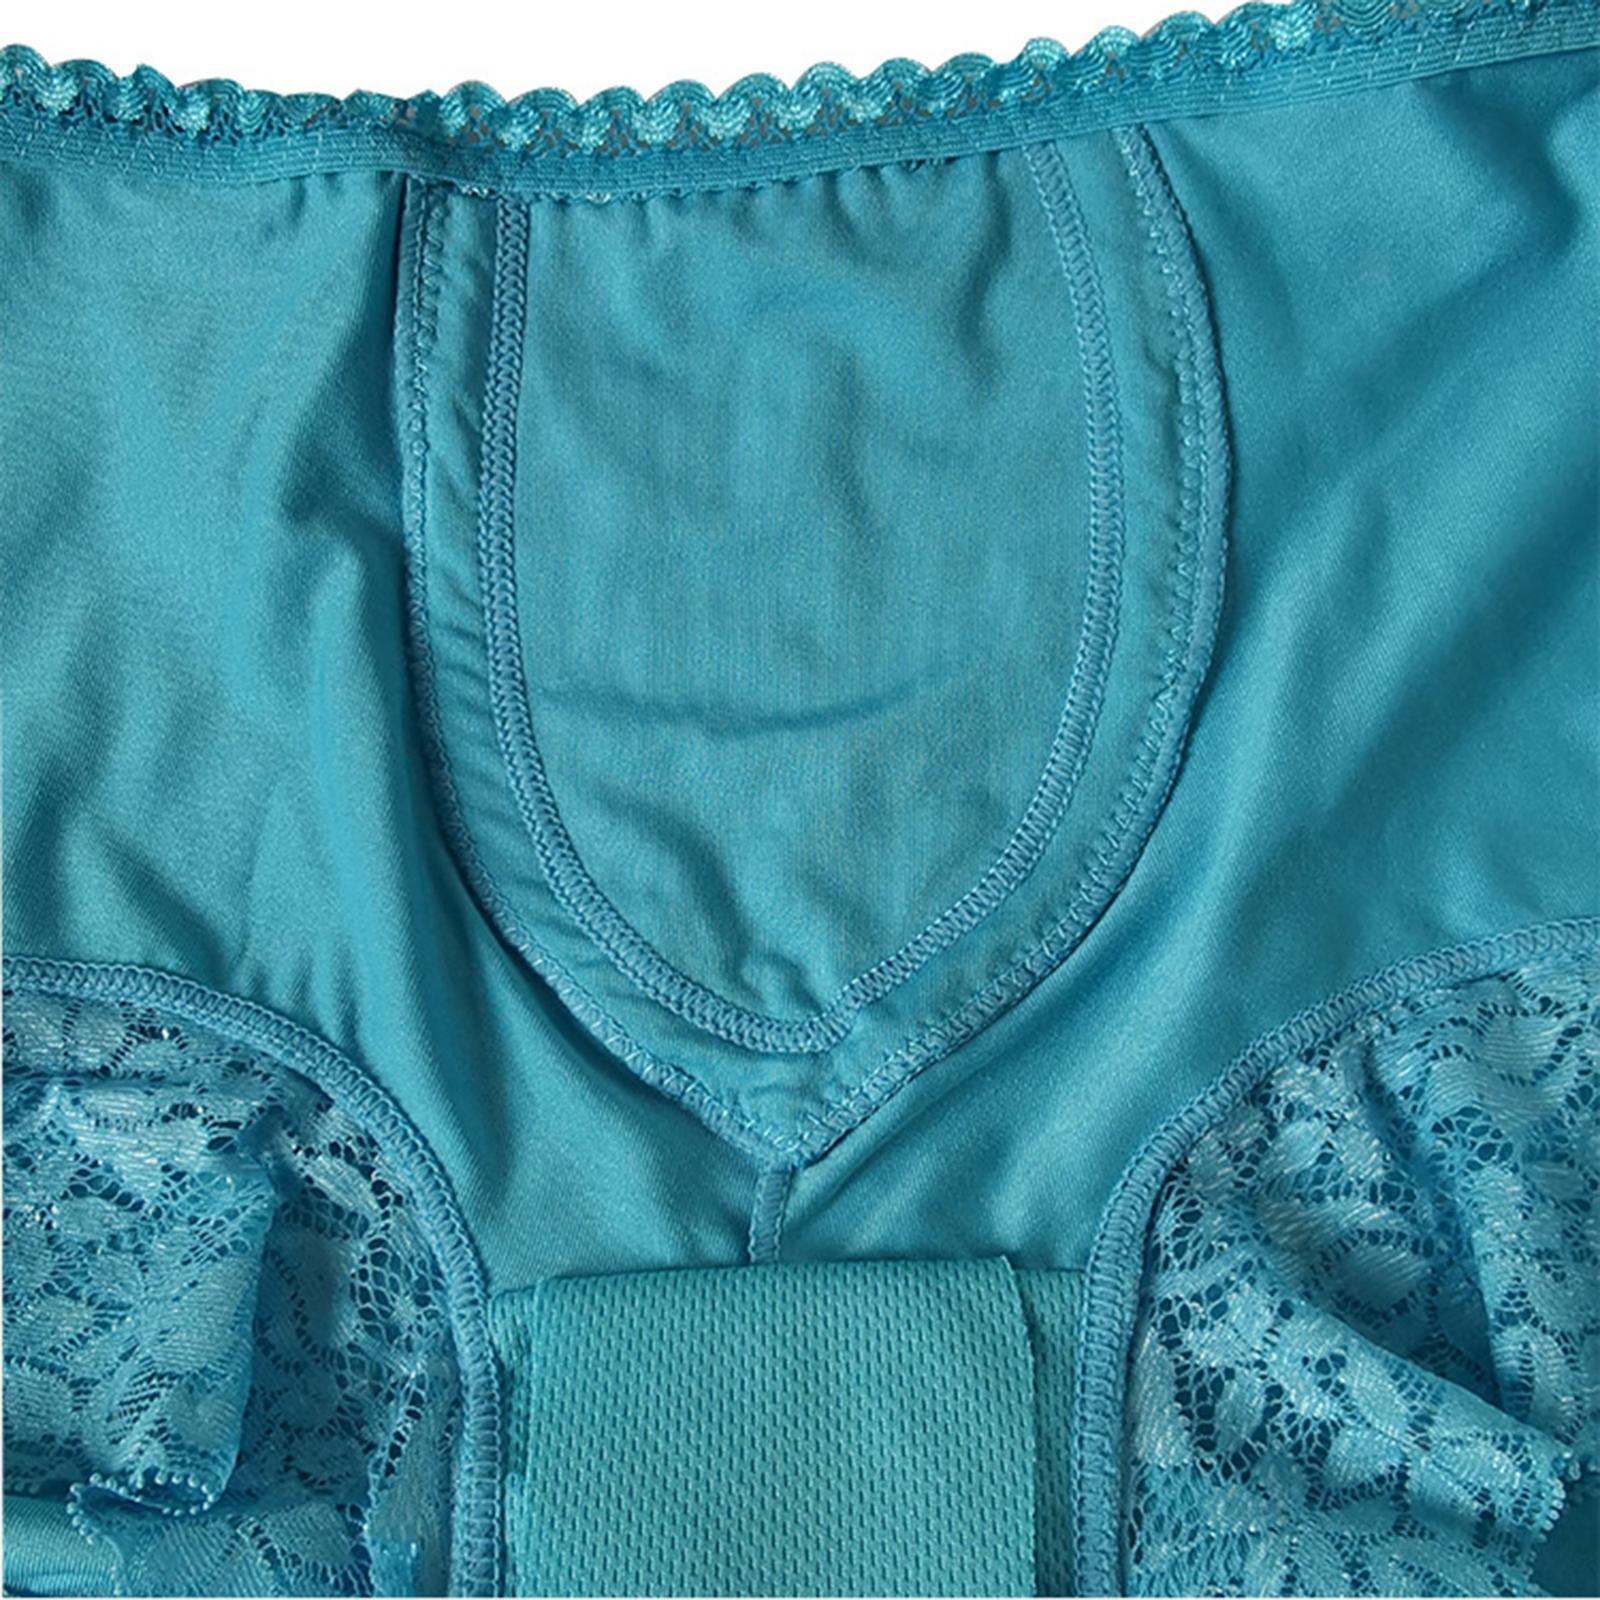 Indexbild 45 - Wiederverwendbare Inkontinenz Unterwäsche mit Pad für Frauen Menstruations